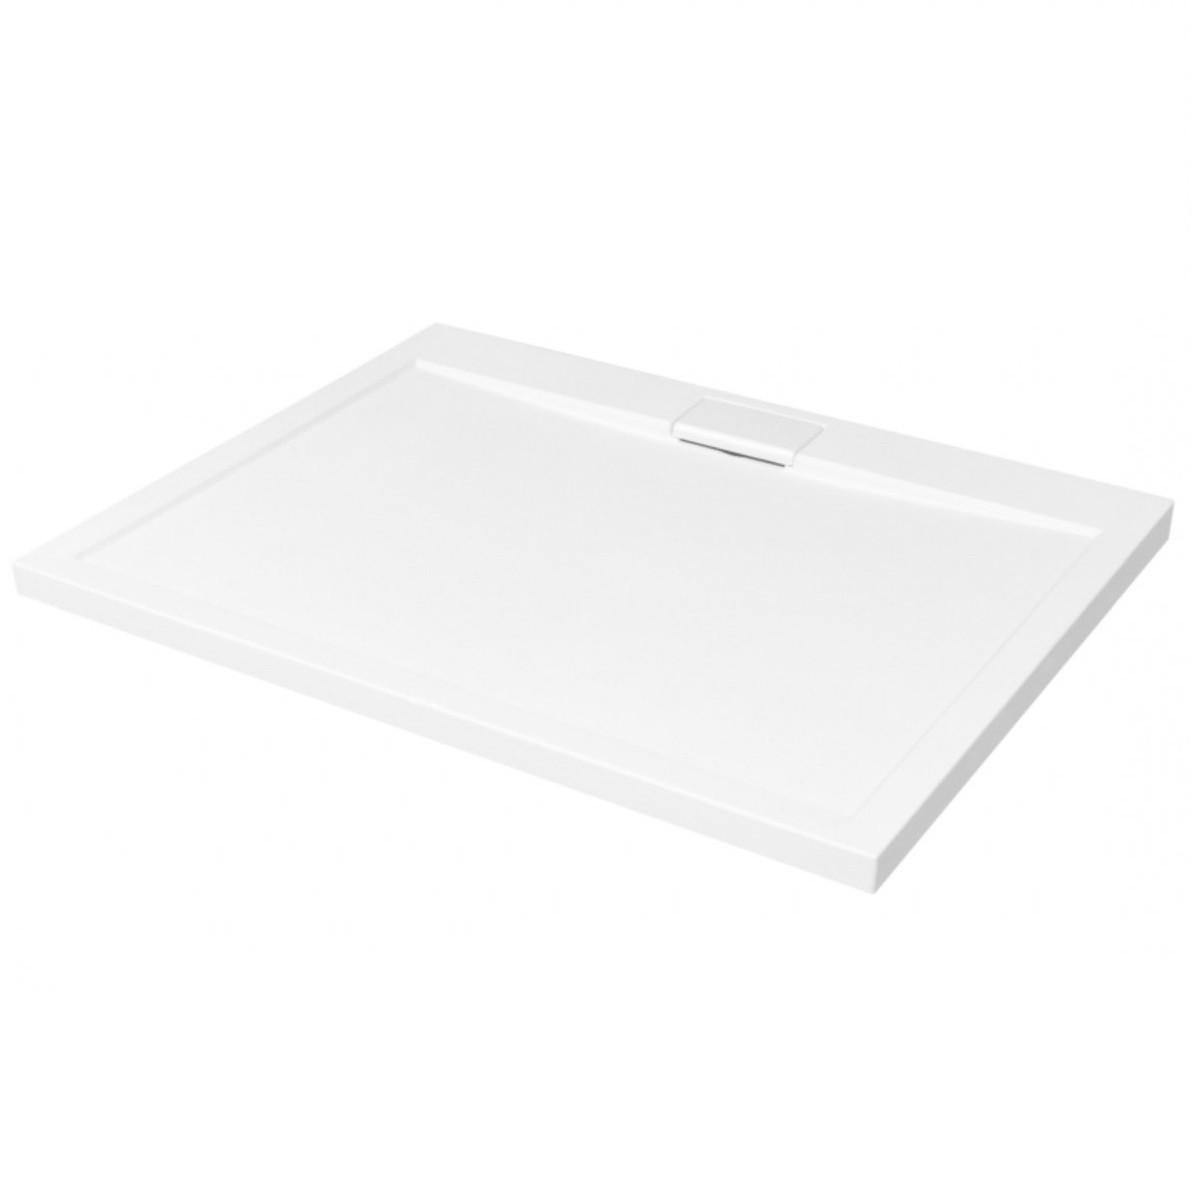 HOPA Obdélníková sprchová vanička AXIM Barevnice Bílá, Rozměr A 120 cm, Rozměr B 80 cm VANKAXIM1280BB